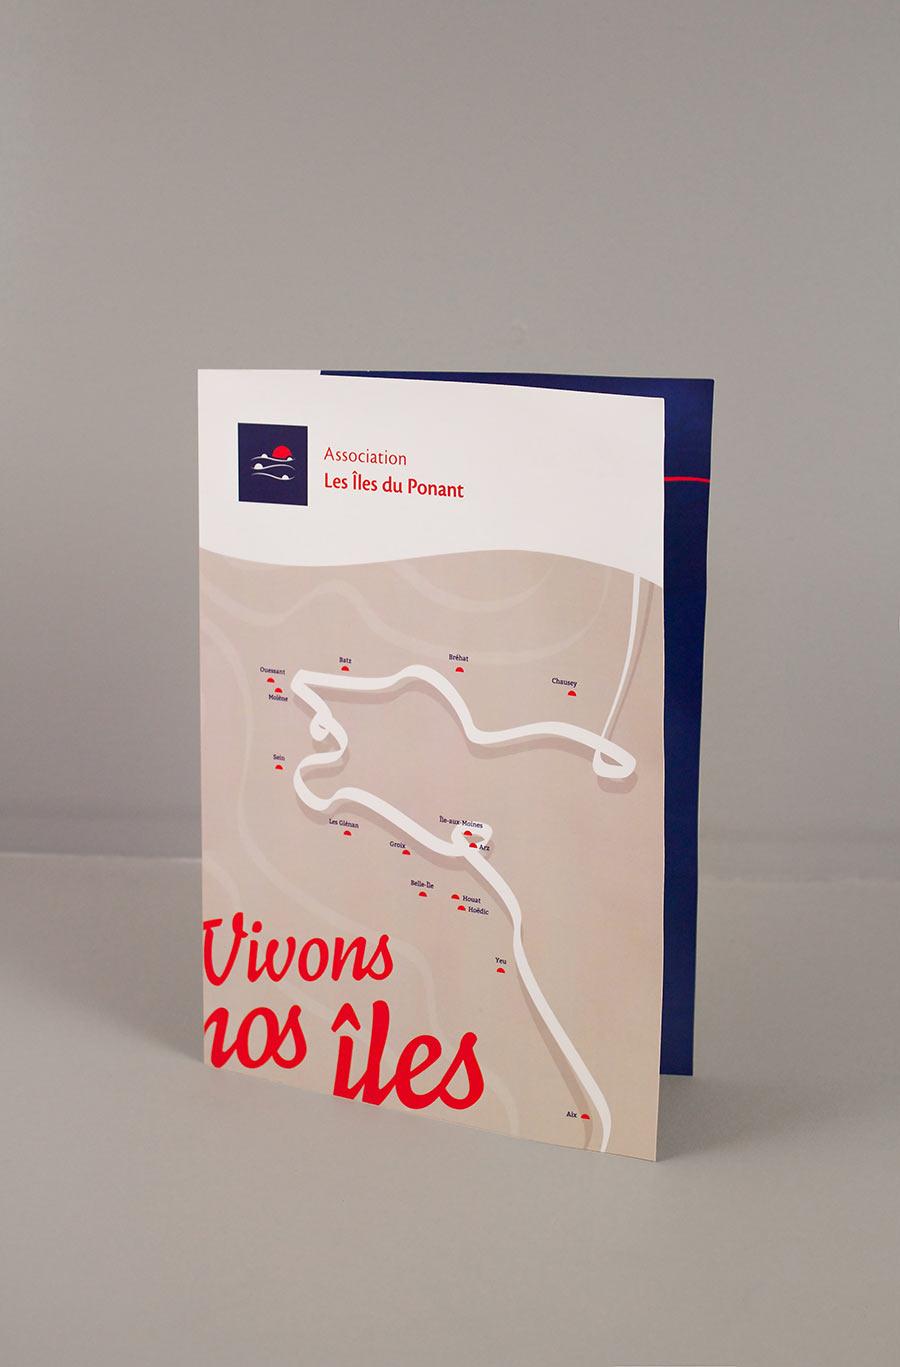 Plaquette de présentation de l'Association Les Îles du Ponant